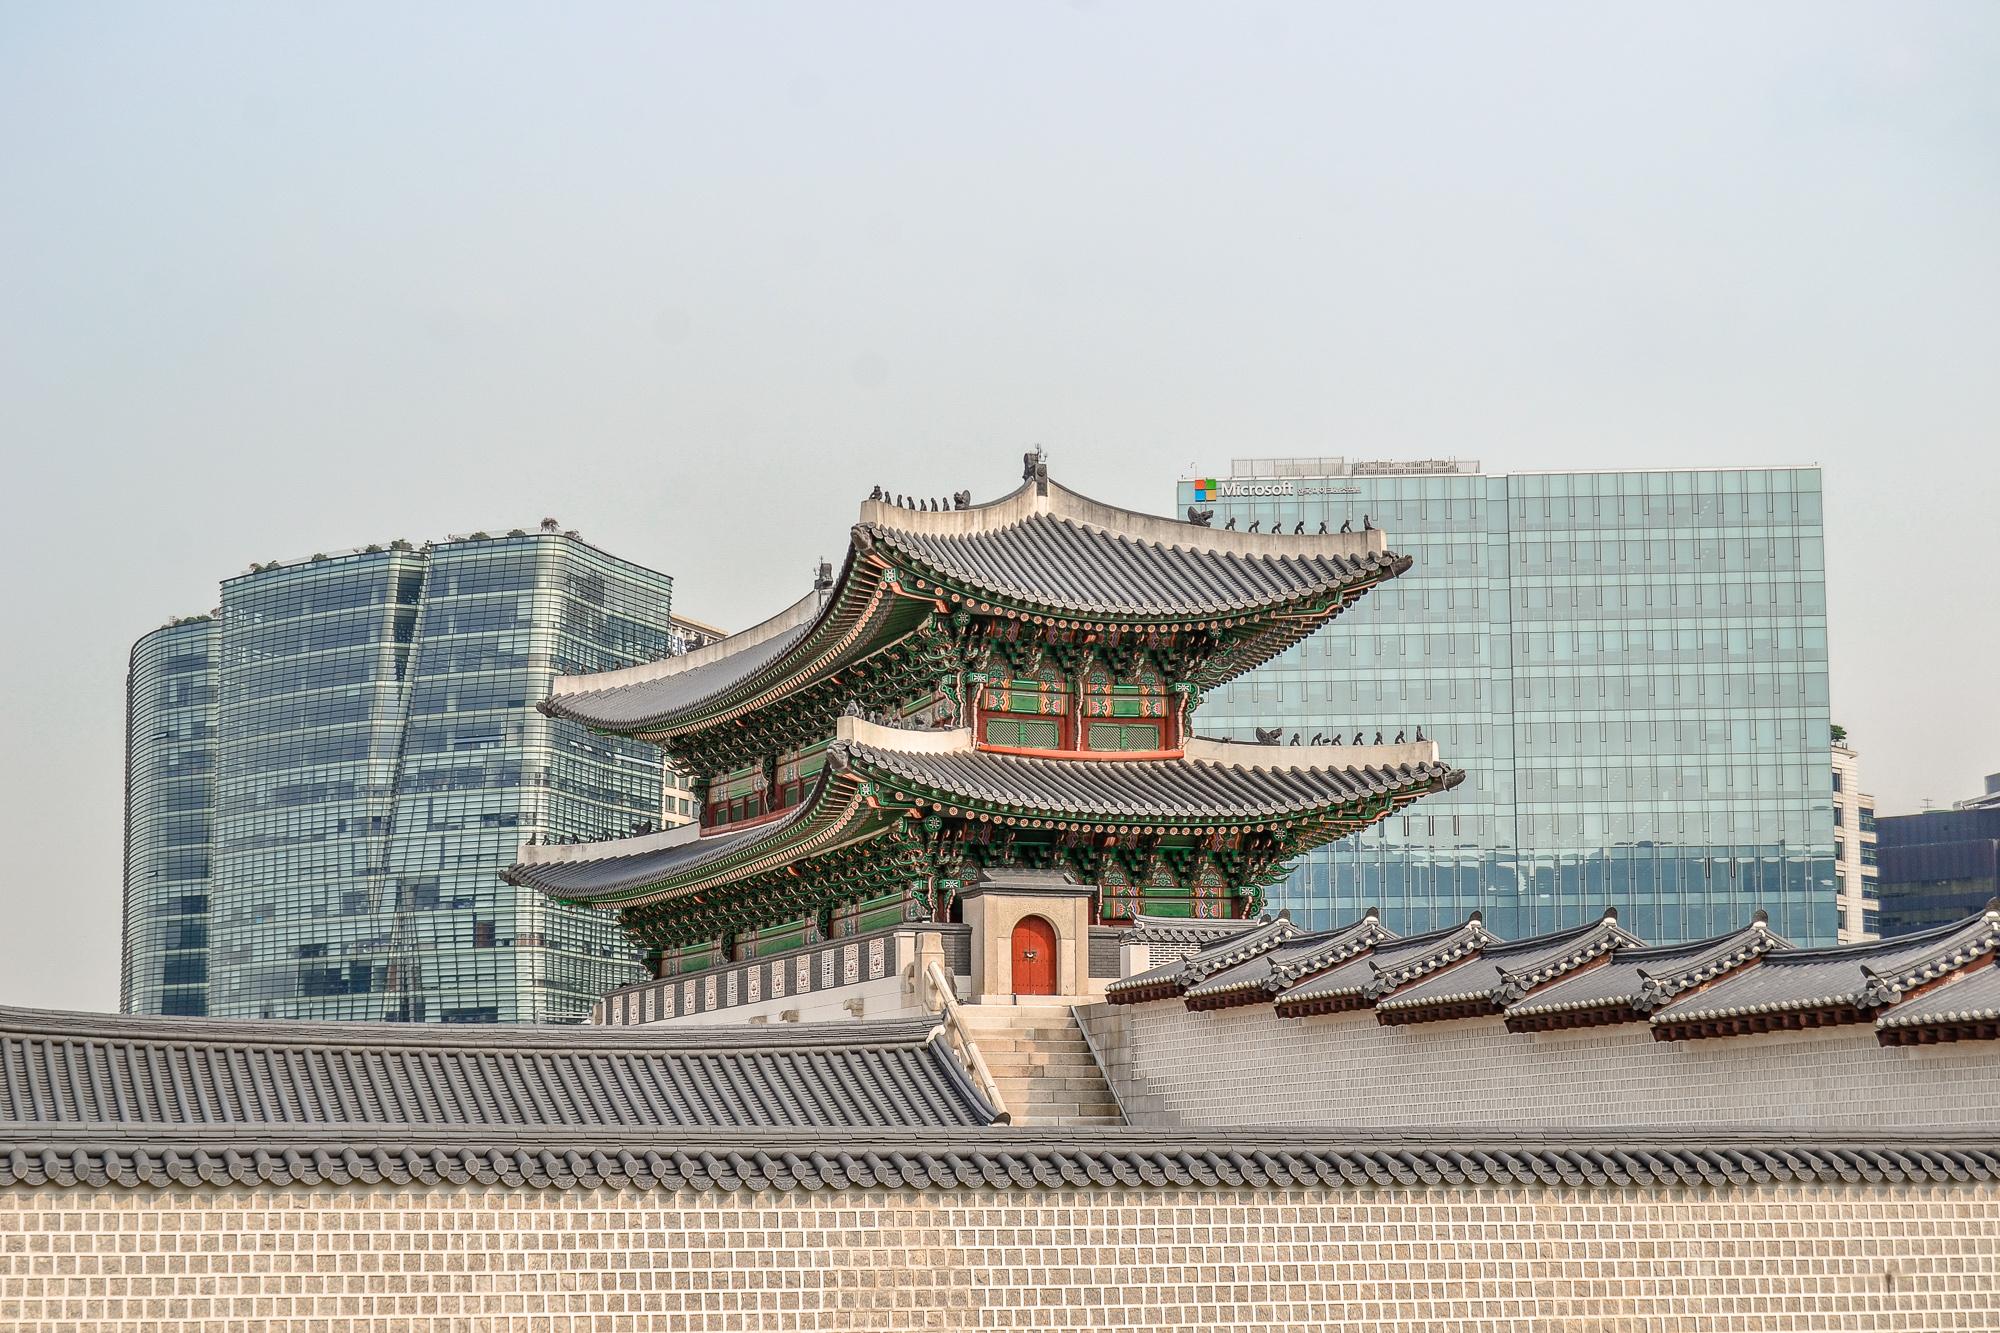 Hier verrate ich euch meine Top 10 Seoul Sehenswürdigkeiten: Alle Highlights und Things to do in der Hauptstadt von Südkorea - inklusive Food & Nachtleben.